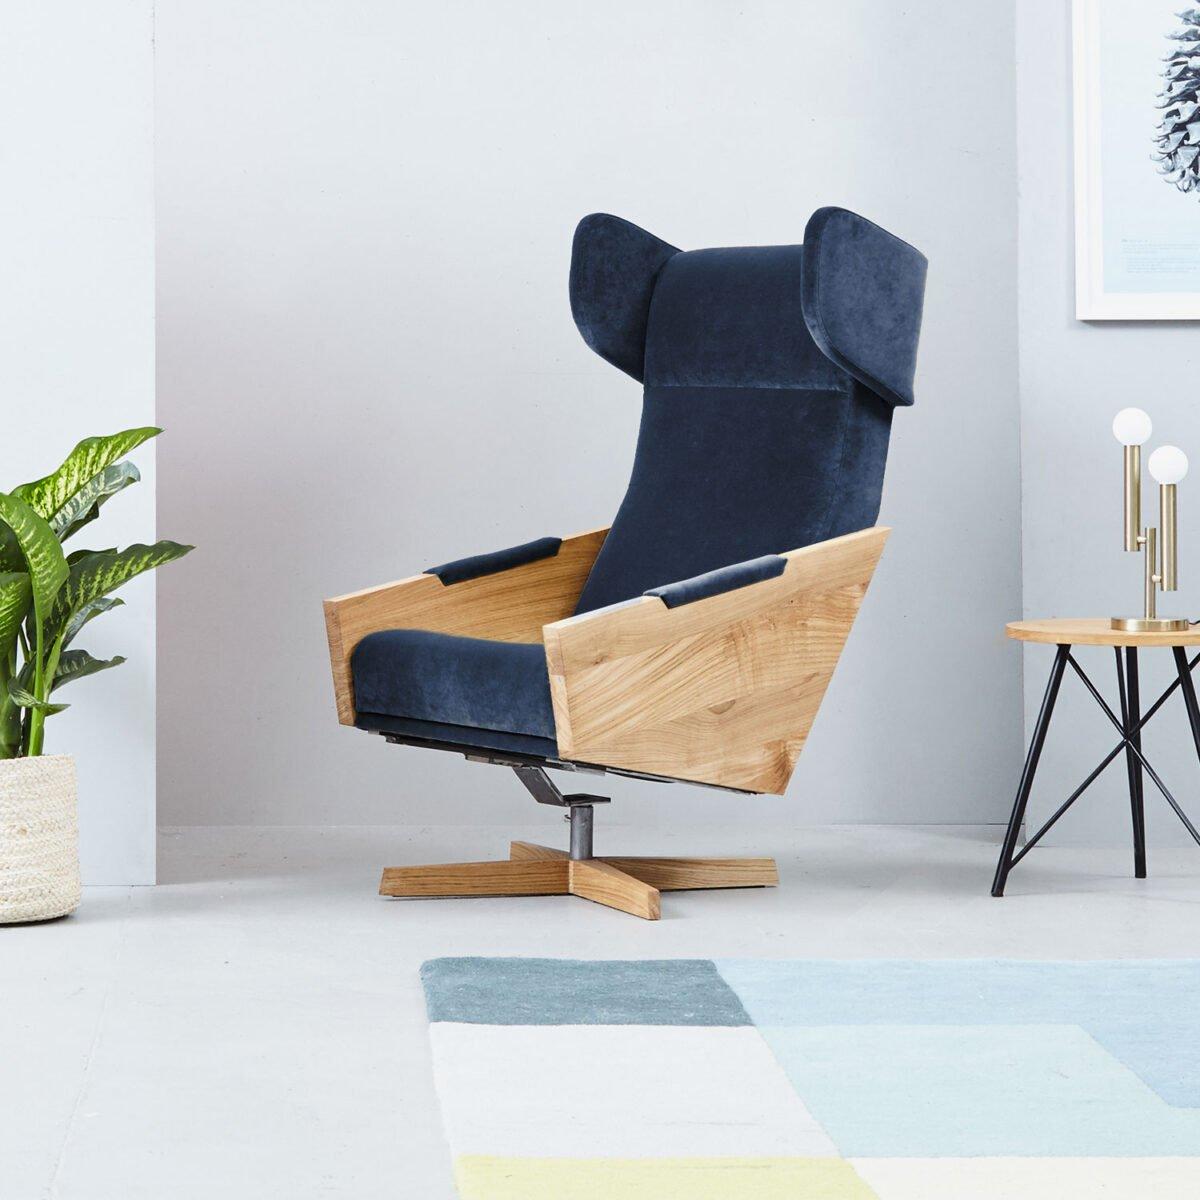 wygodny obrotowy fotel do salonu, fotel wypoczynkowy, designerski fotel